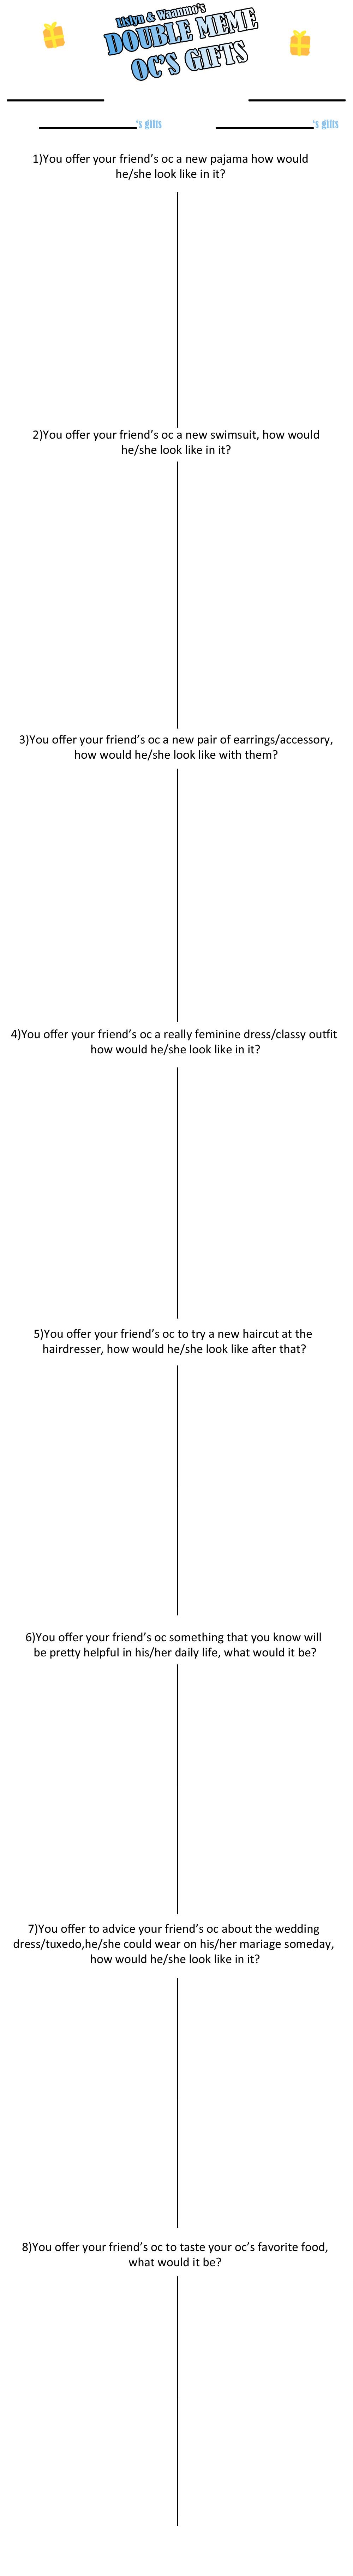 Double Oc's gifts meme blank by Lislyn